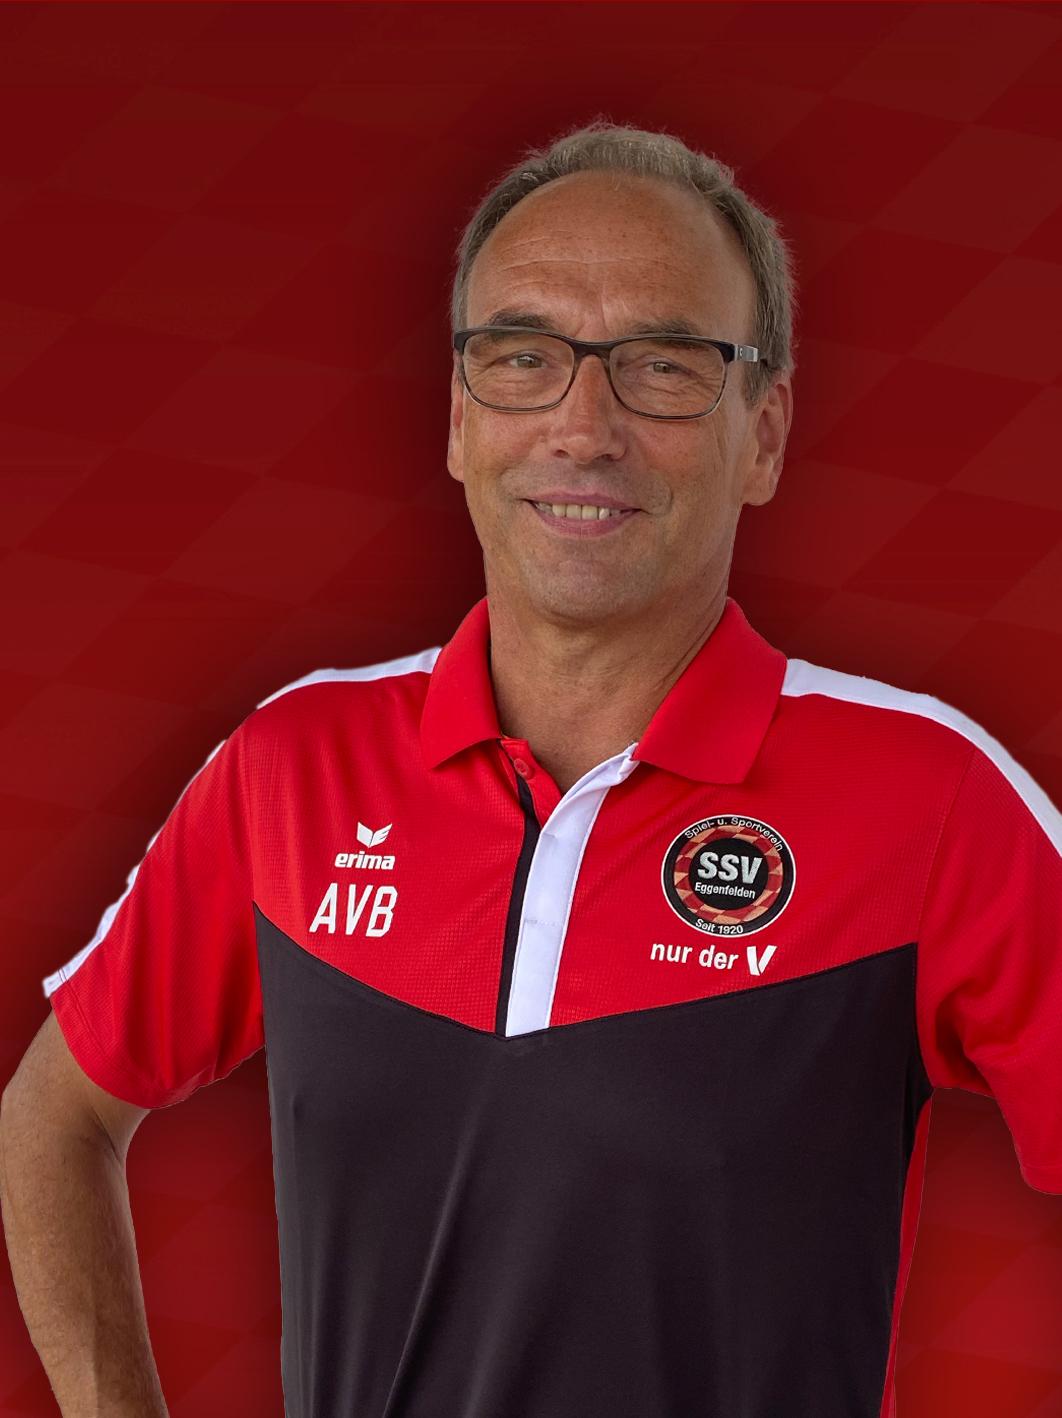 Alfred van Bergen